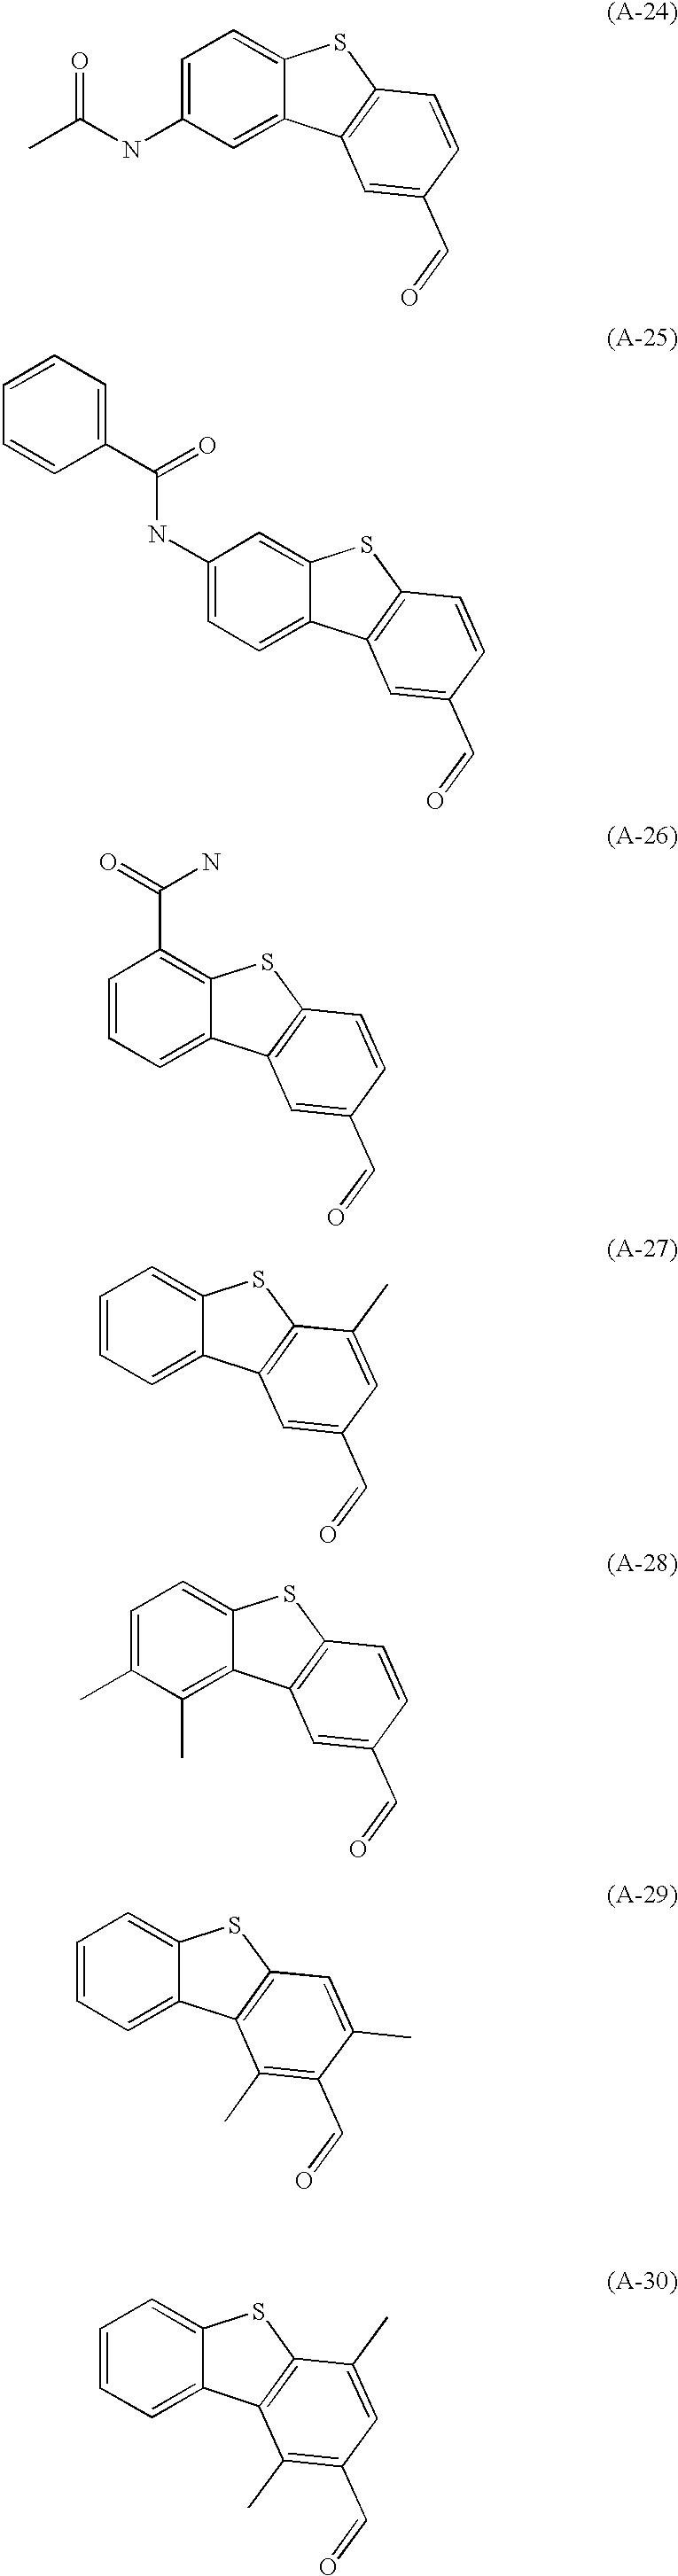 Figure US20030203901A1-20031030-C00021